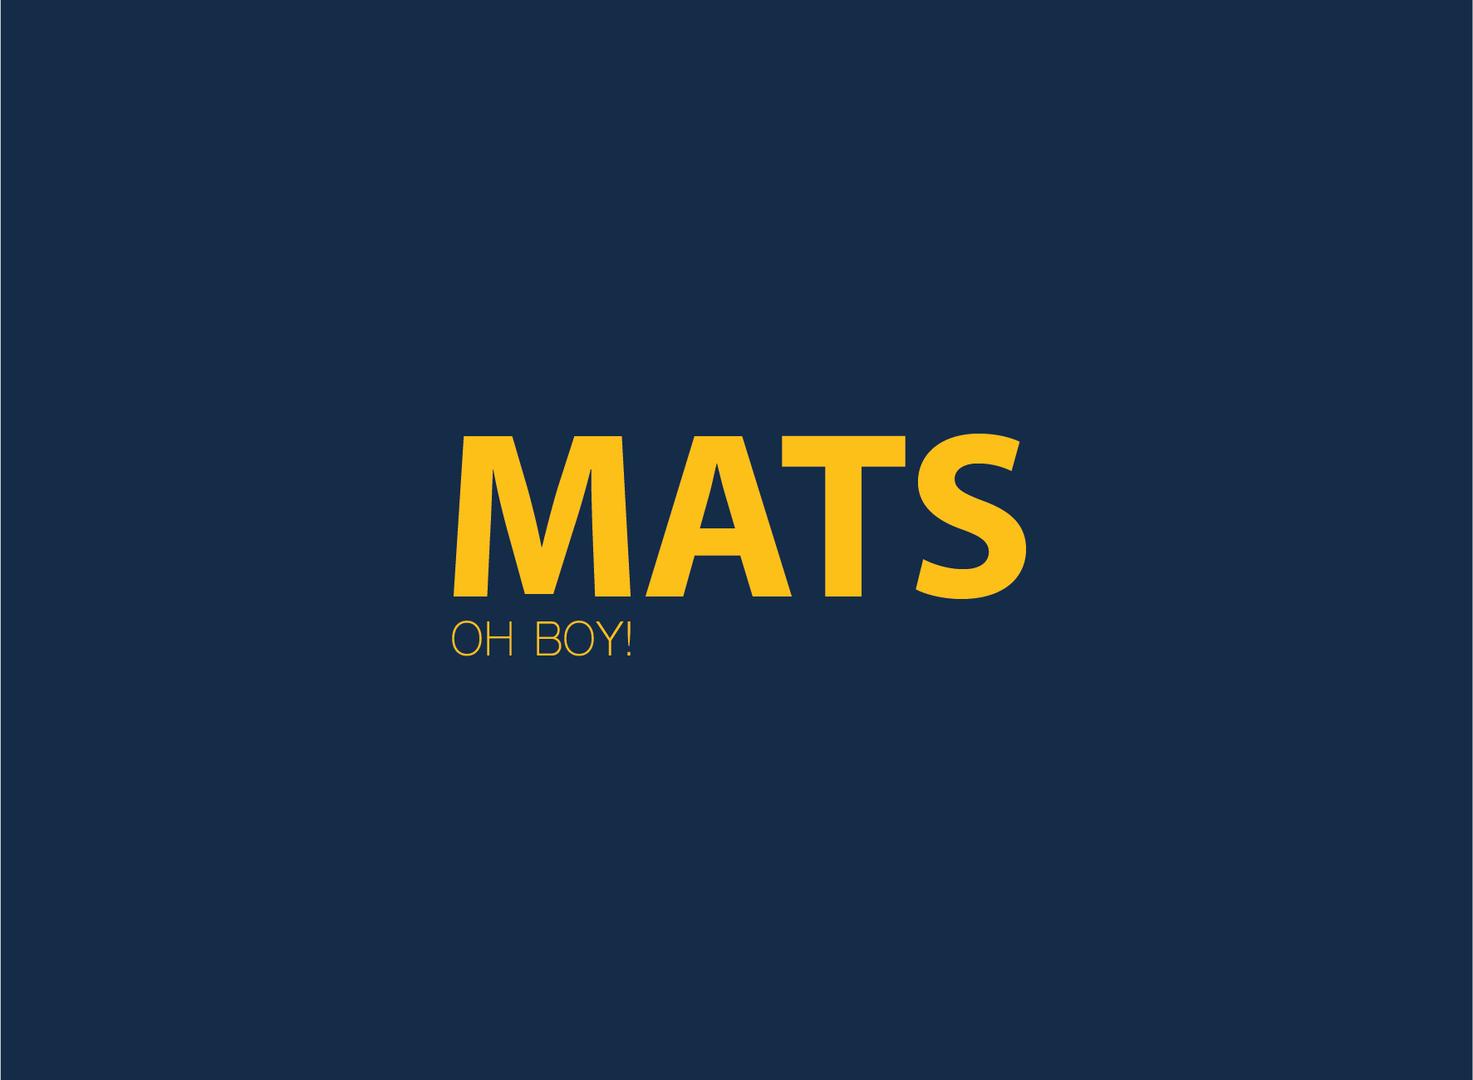 Overzicht project_Mats-extra-01.png